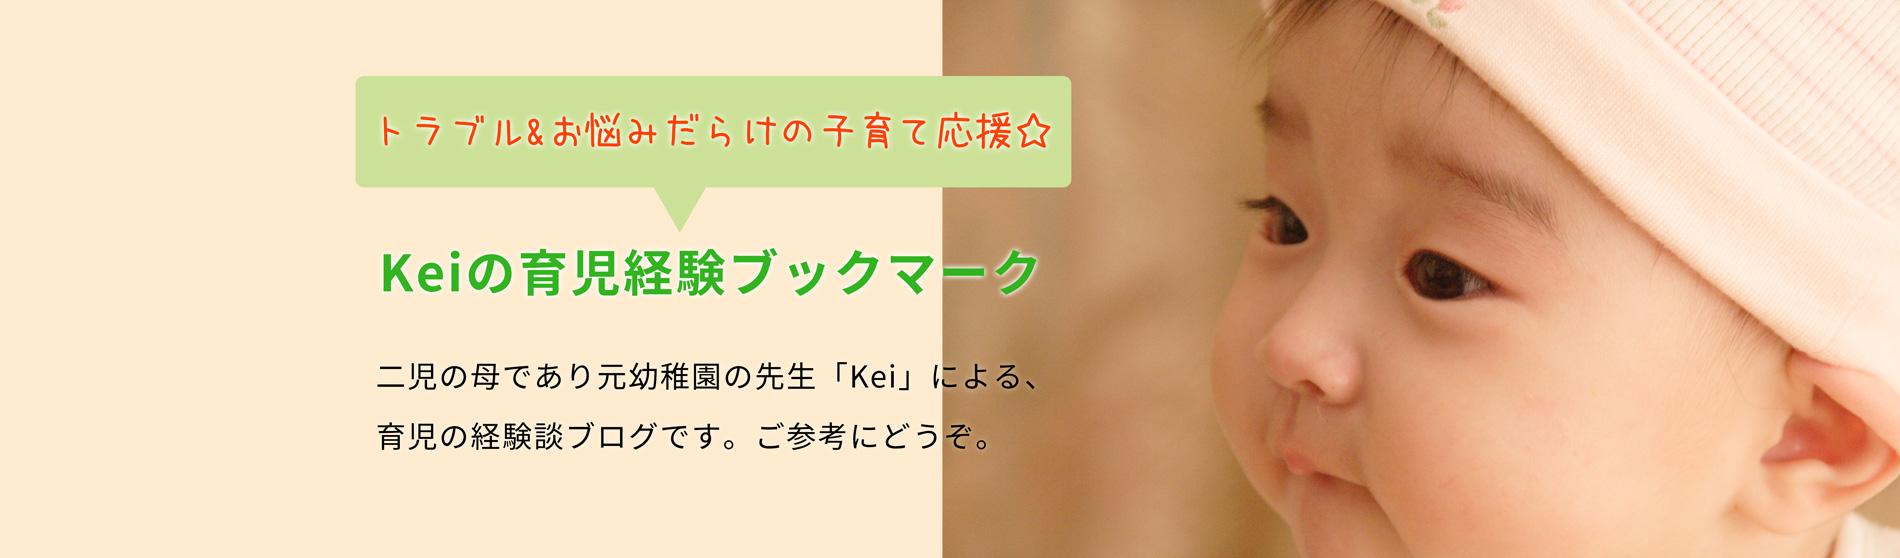 トラブル&お悩みだらけの子育て応援☆keiの育児経験ブックマーク